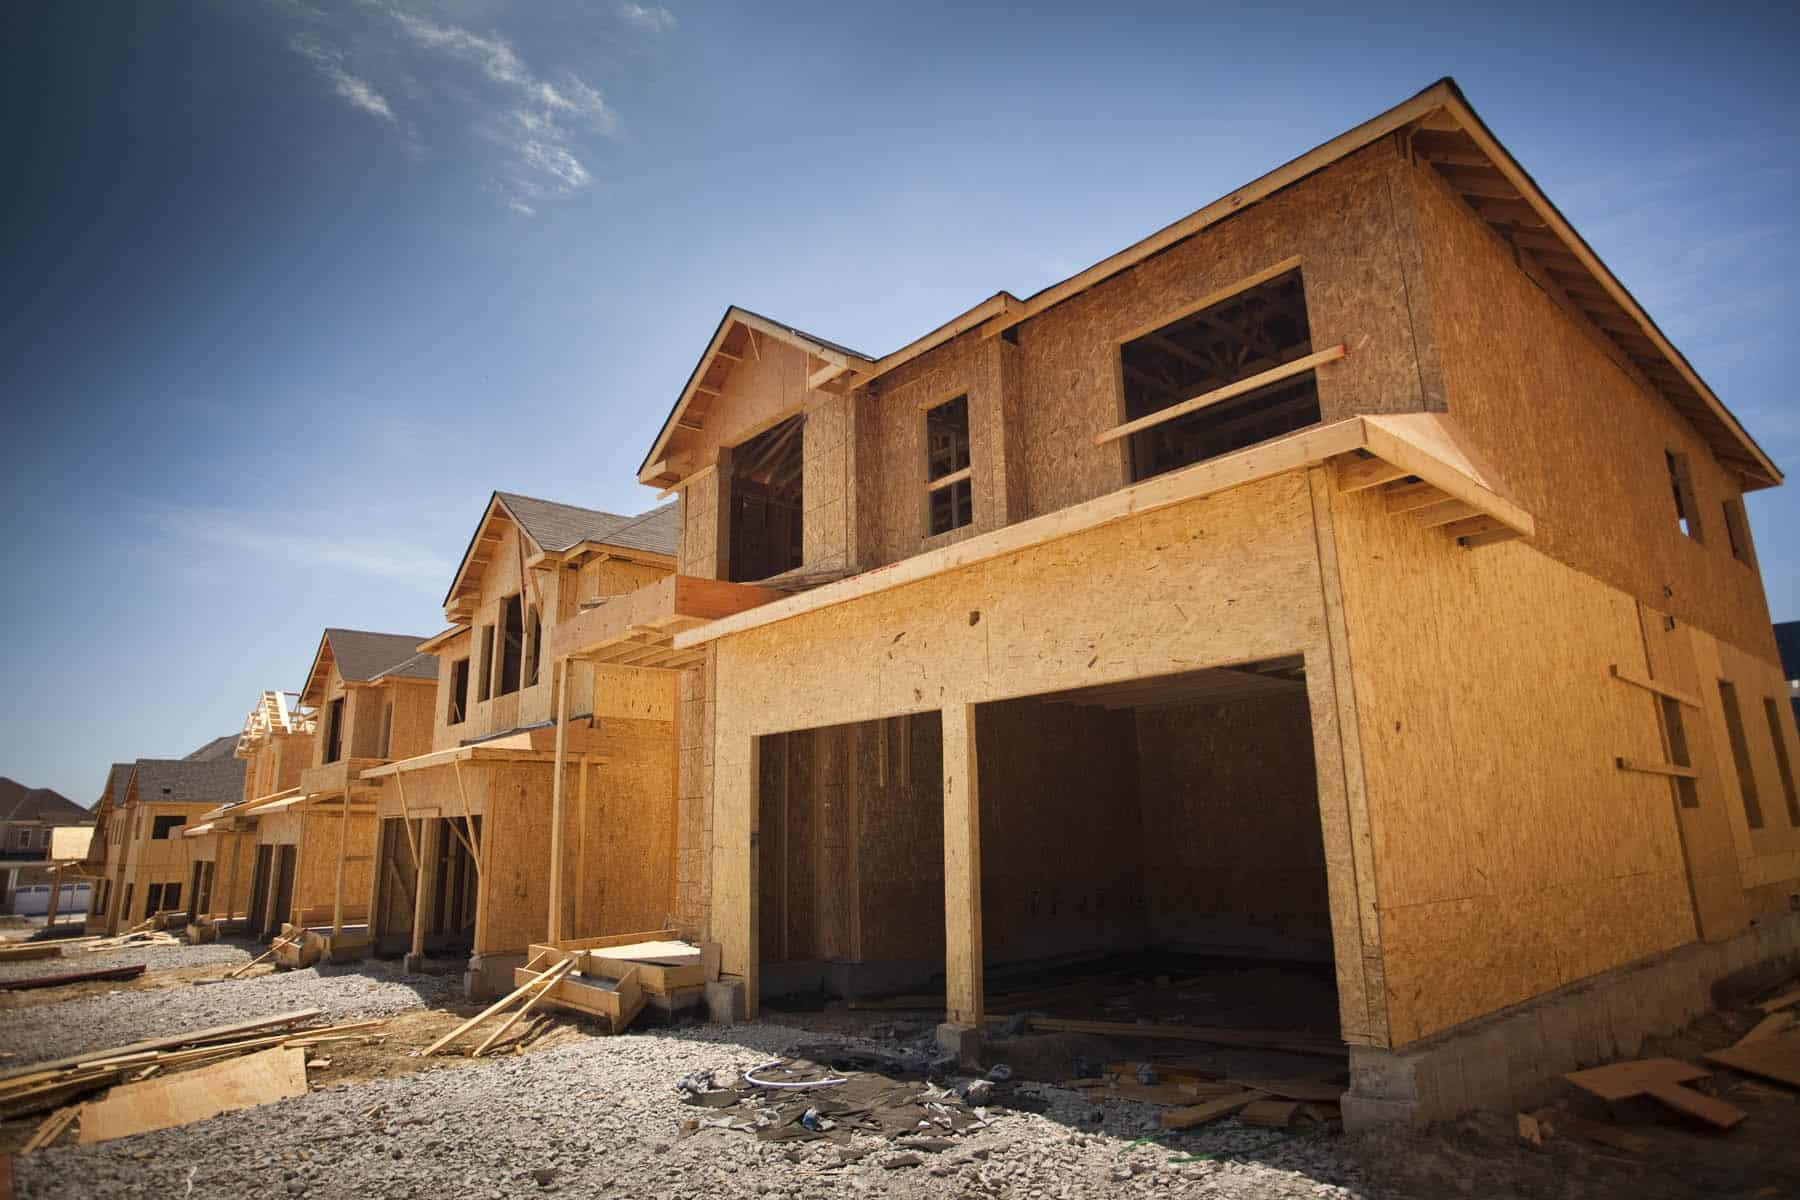 House being built in castle oaks